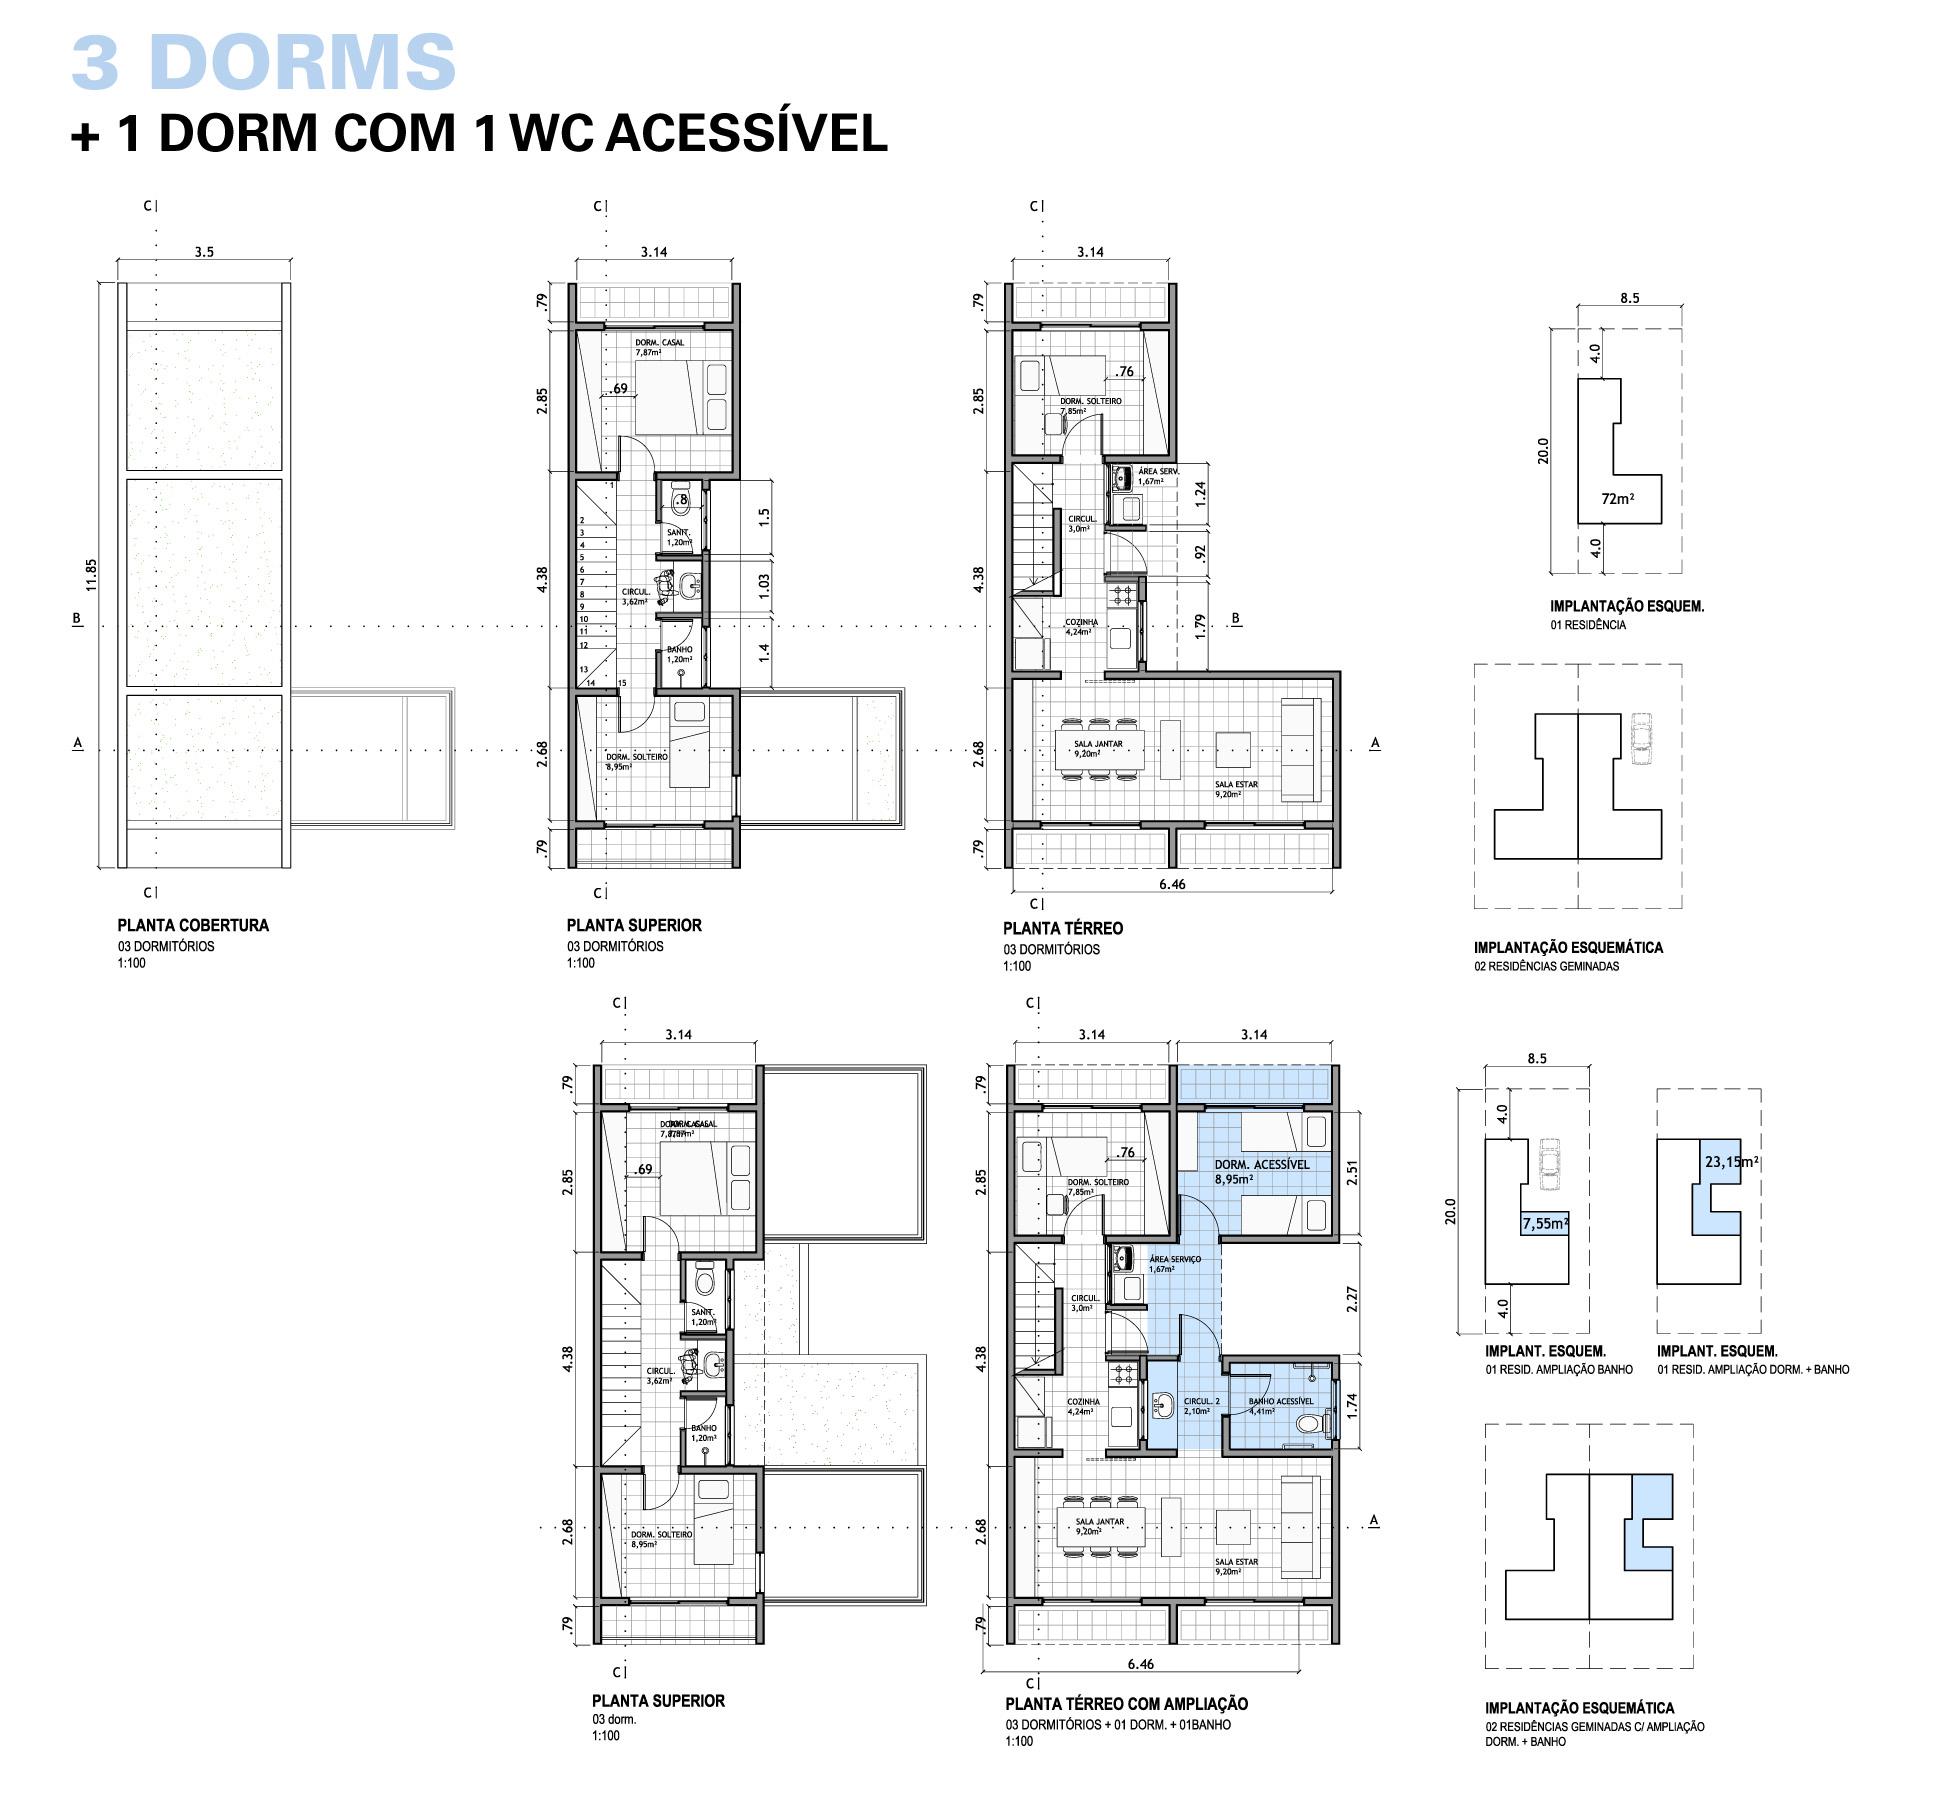 Plantas baixas da tipologia com 3 dormitórios e 3 dormitórios com  #4D667E 1940x1793 Banheiro Acessível Planta